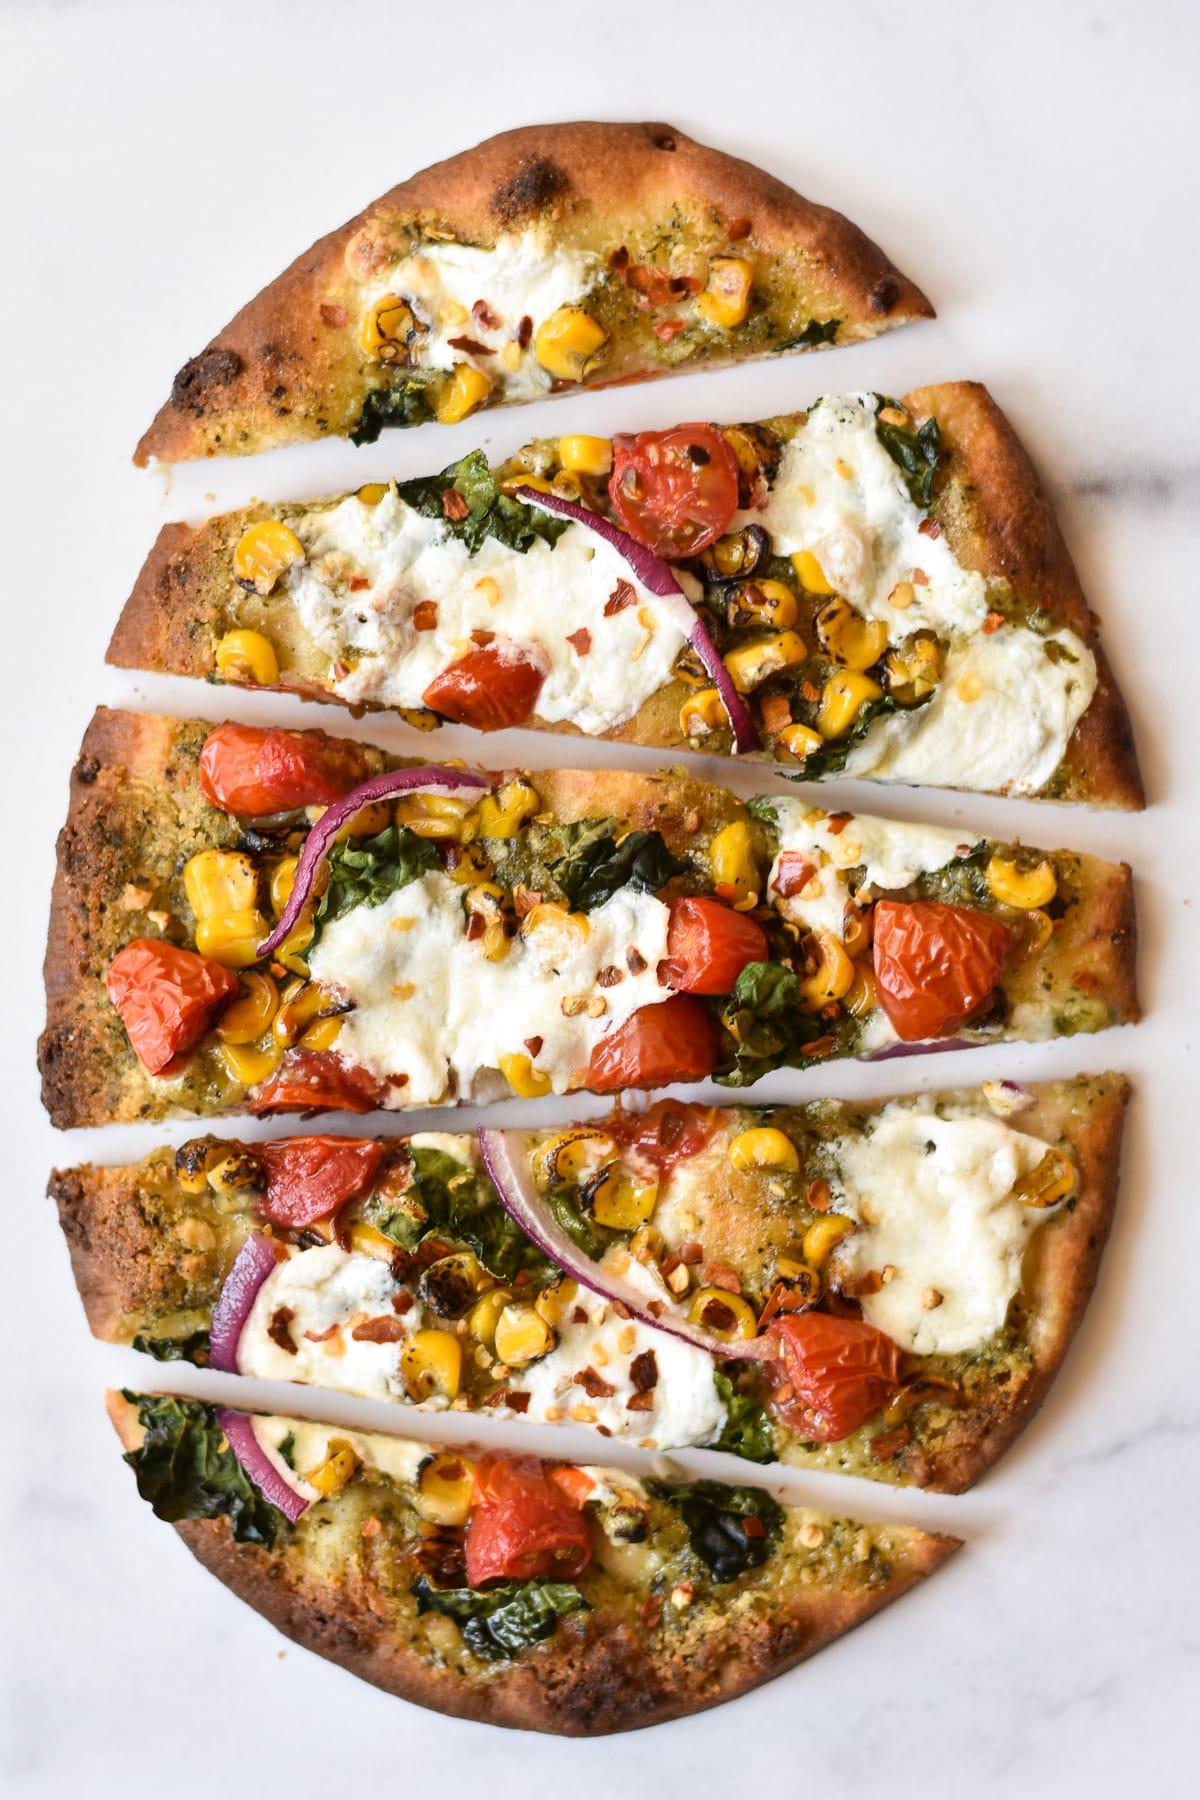 burrata naan pizza cut into wedges